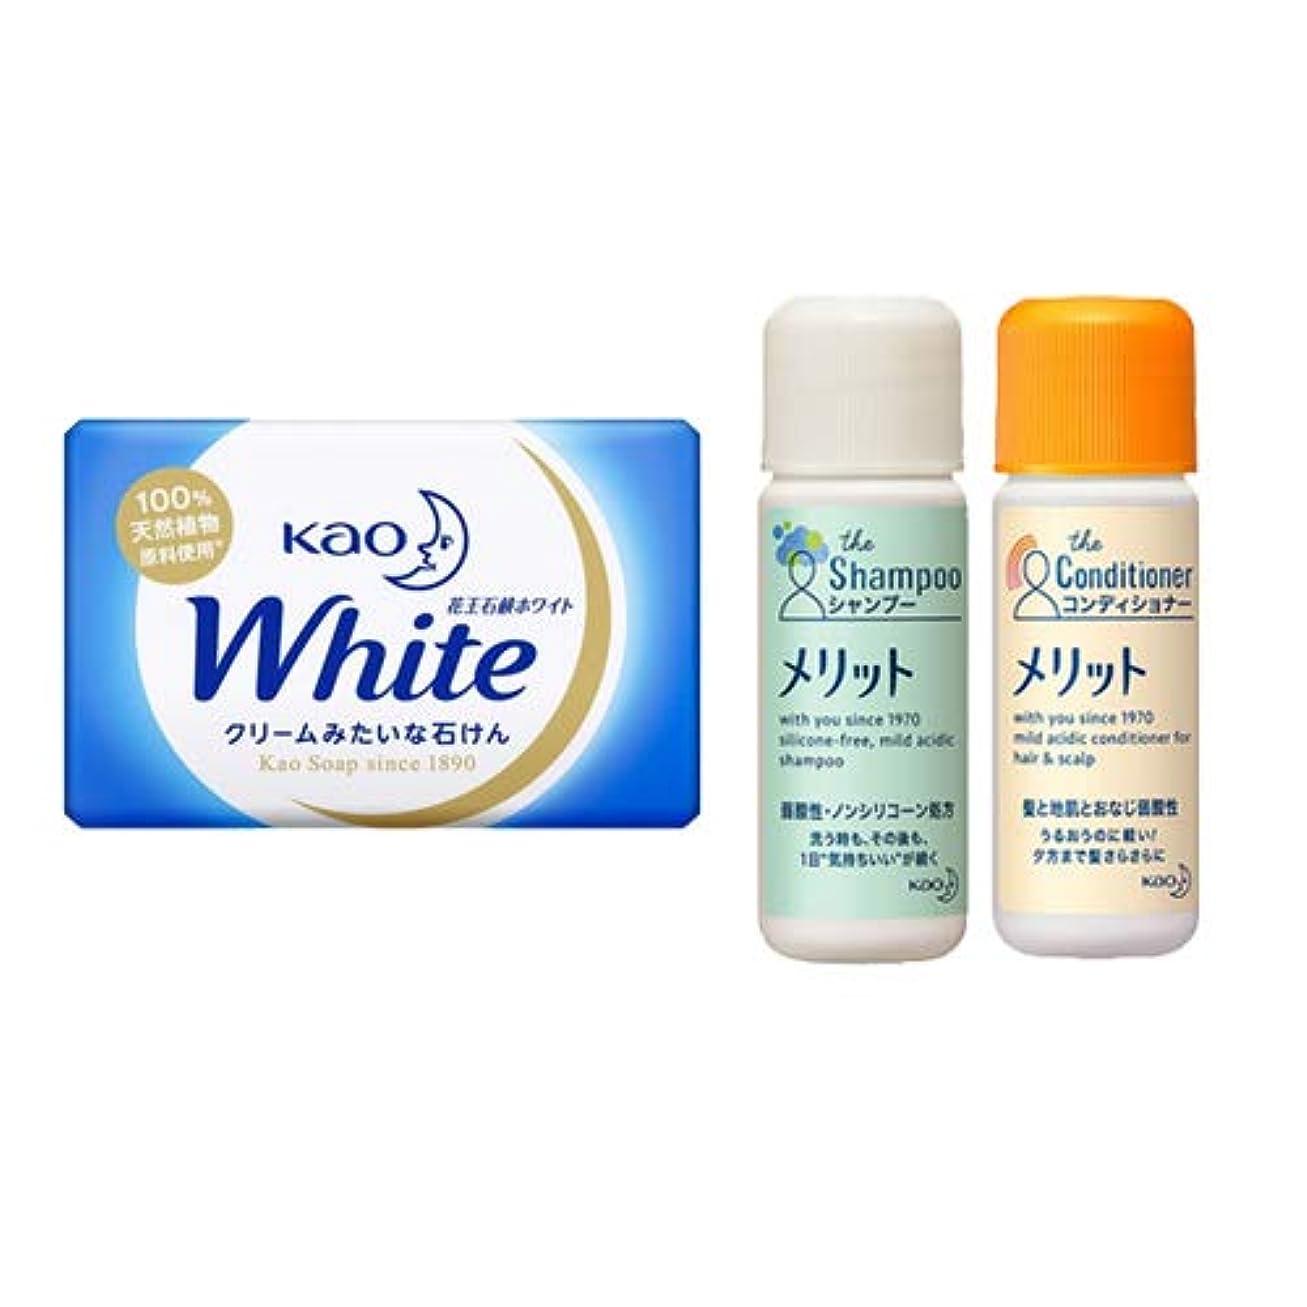 電報飲料無力花王(KAO) 石鹸ホワイト(Kao Soap White) 15g + メリットシャンプー 16ml + リンス 16ml セット